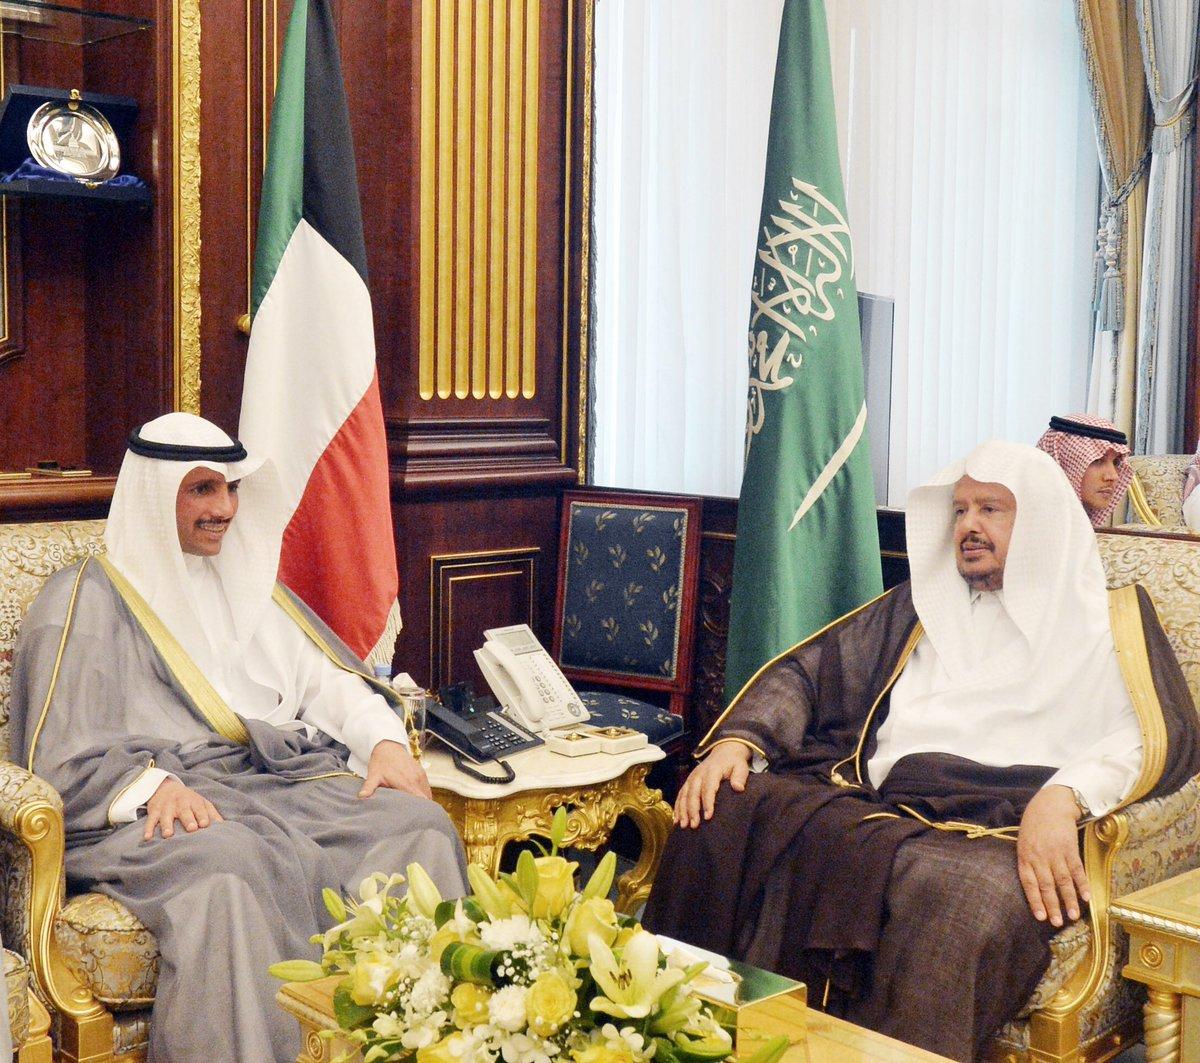 مباحثات رسمية بين رئيس مجلس الشورى ورئيس مجلس الأمة الكويتي بالرياض